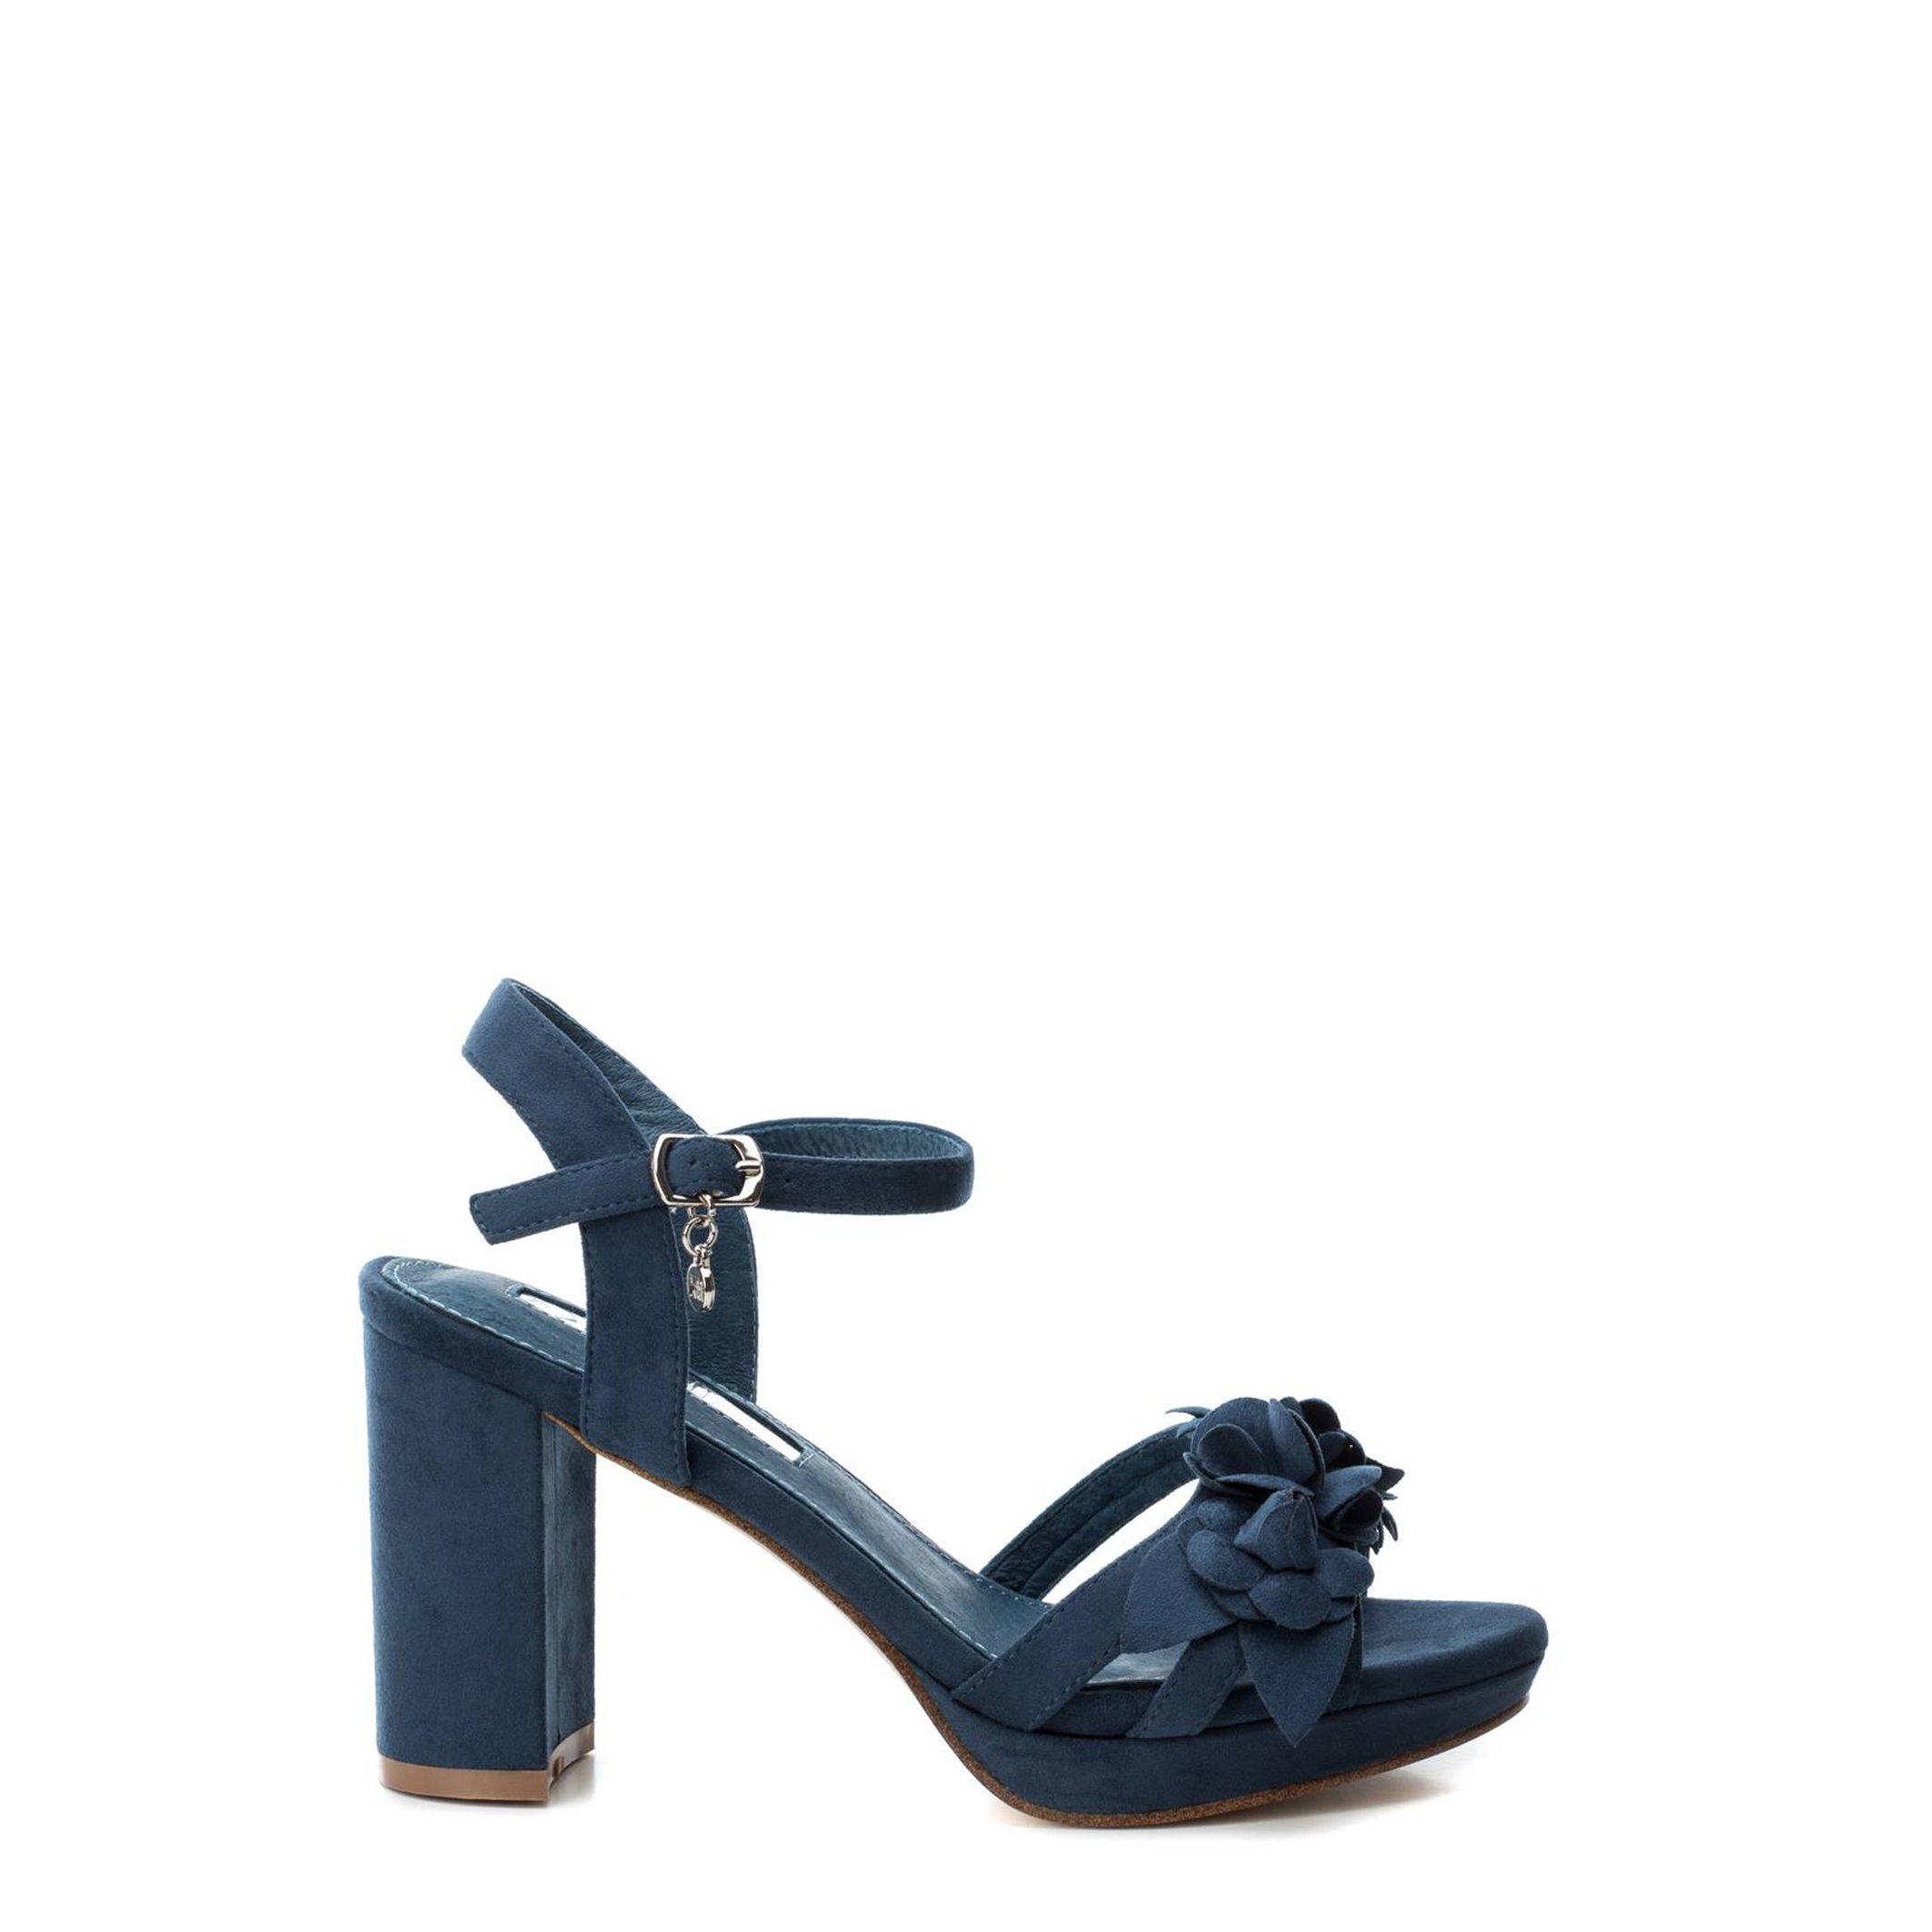 Xti Women's Sandals Various Colors 35044 - blue-1 36 EU